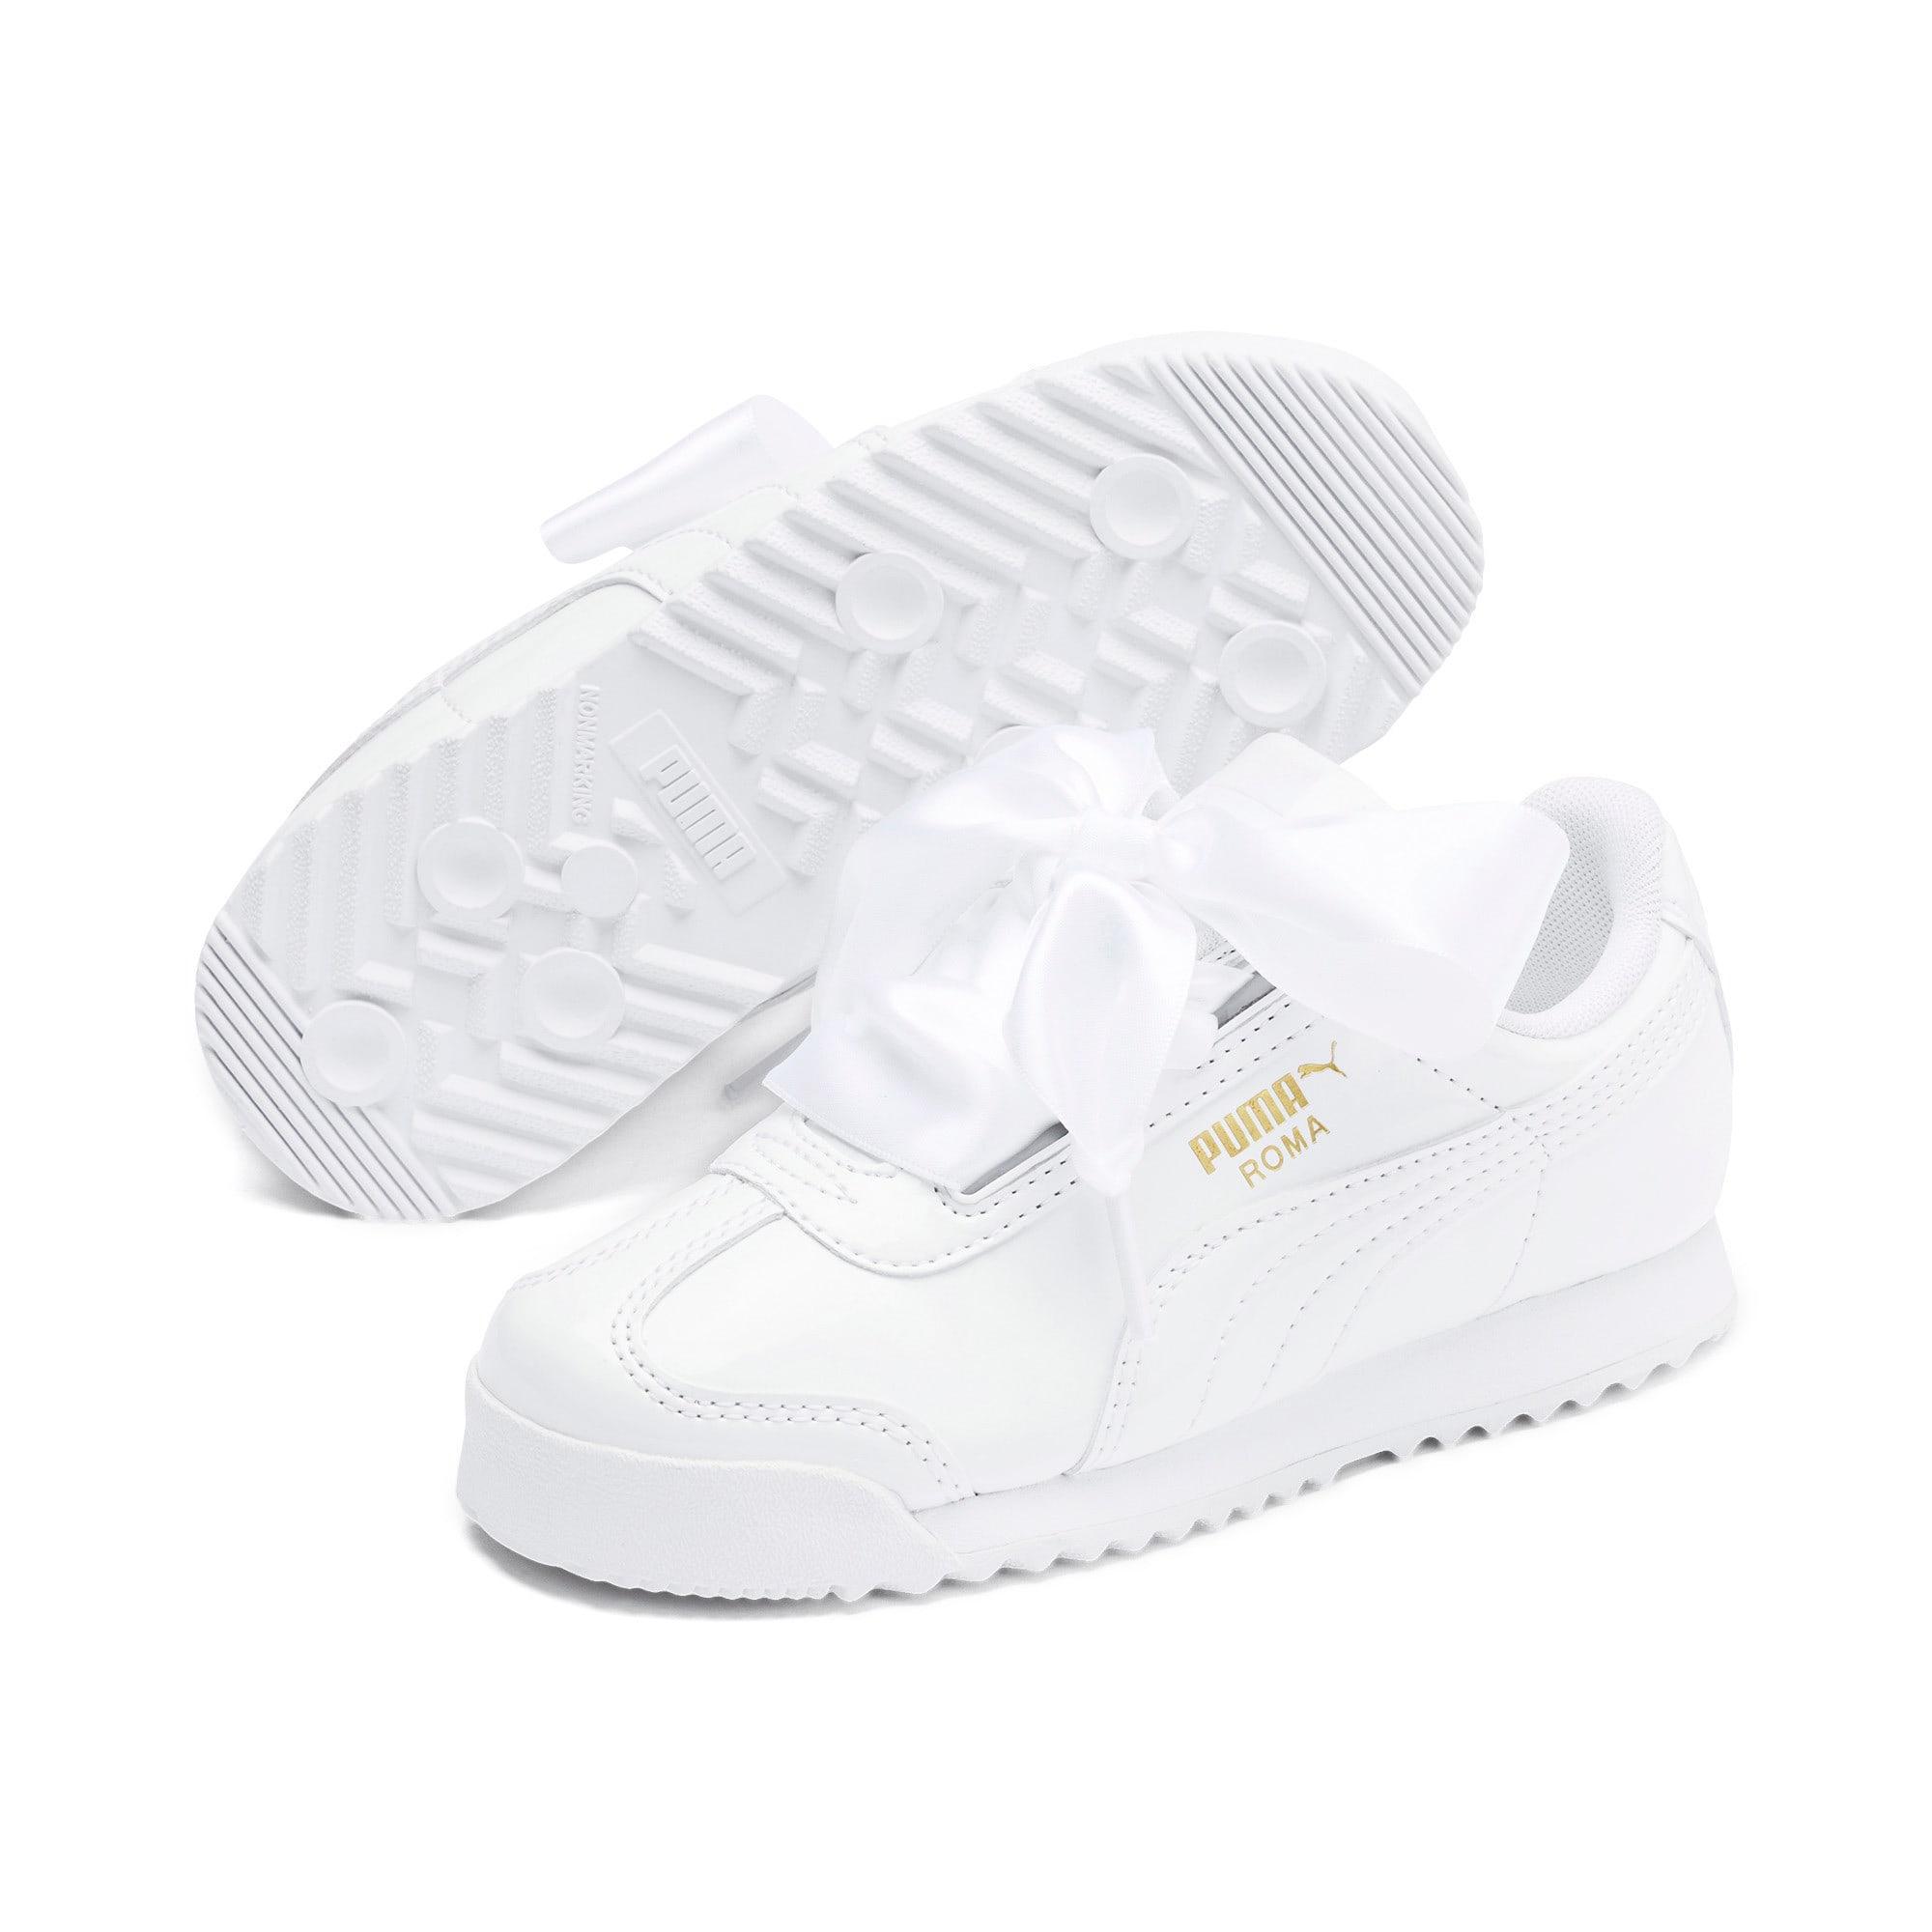 Thumbnail 2 of Roma Heart Patent Kids Sneaker, Puma White, medium